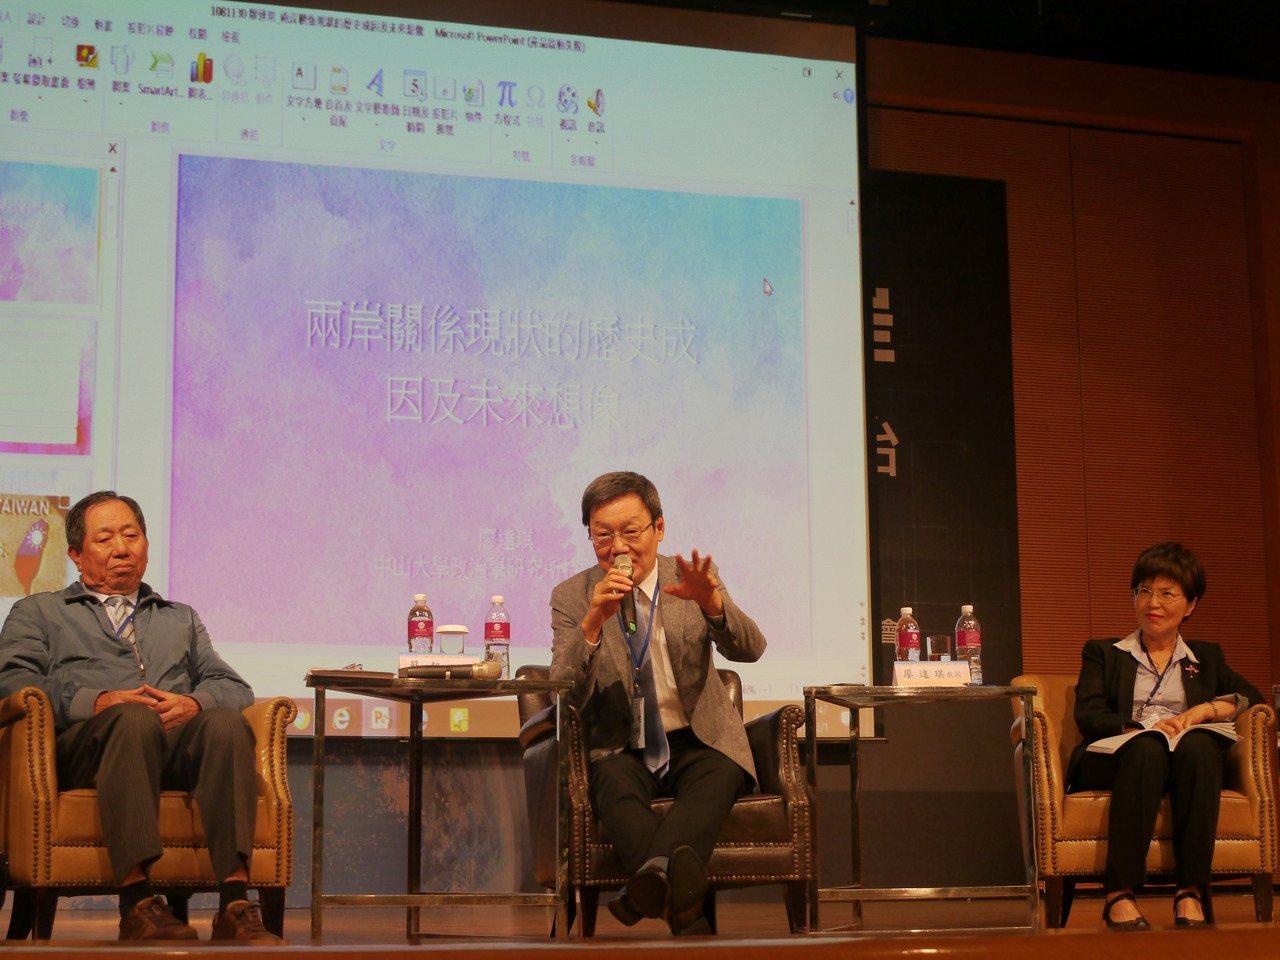 台灣論壇基金會在高雄義大皇家酒店舉辦「全方位視角下的兩岸」研討會,蘇起(中)主持...